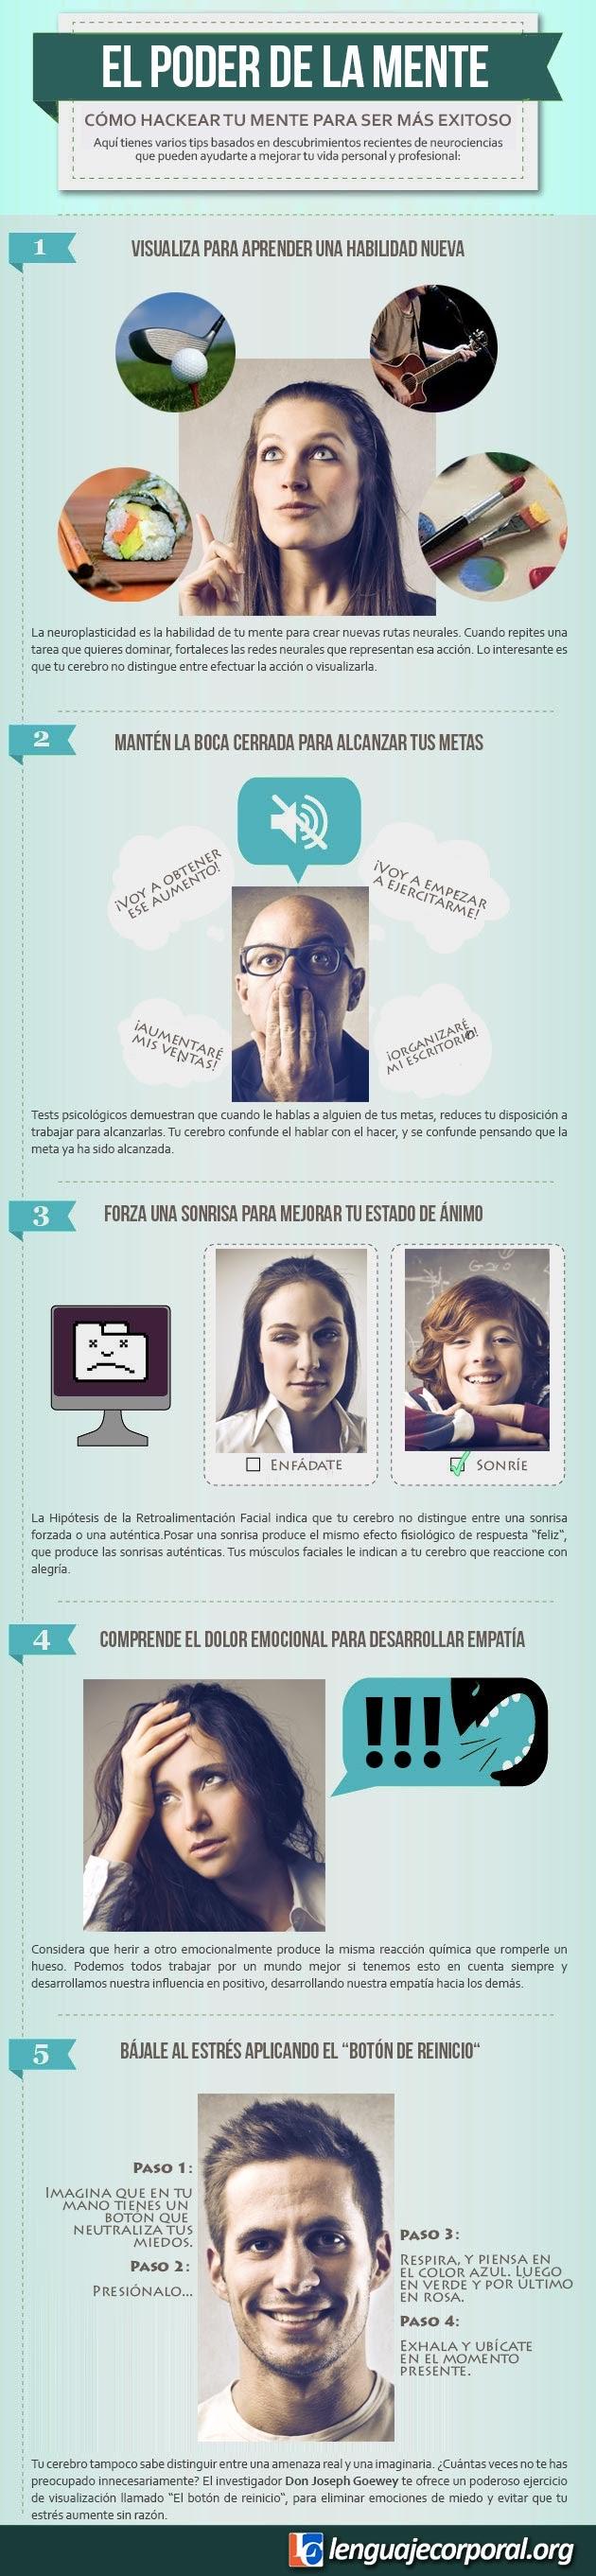 El poder de la mente: cómo hackear tu mente para ser más exitoso (Infografía)